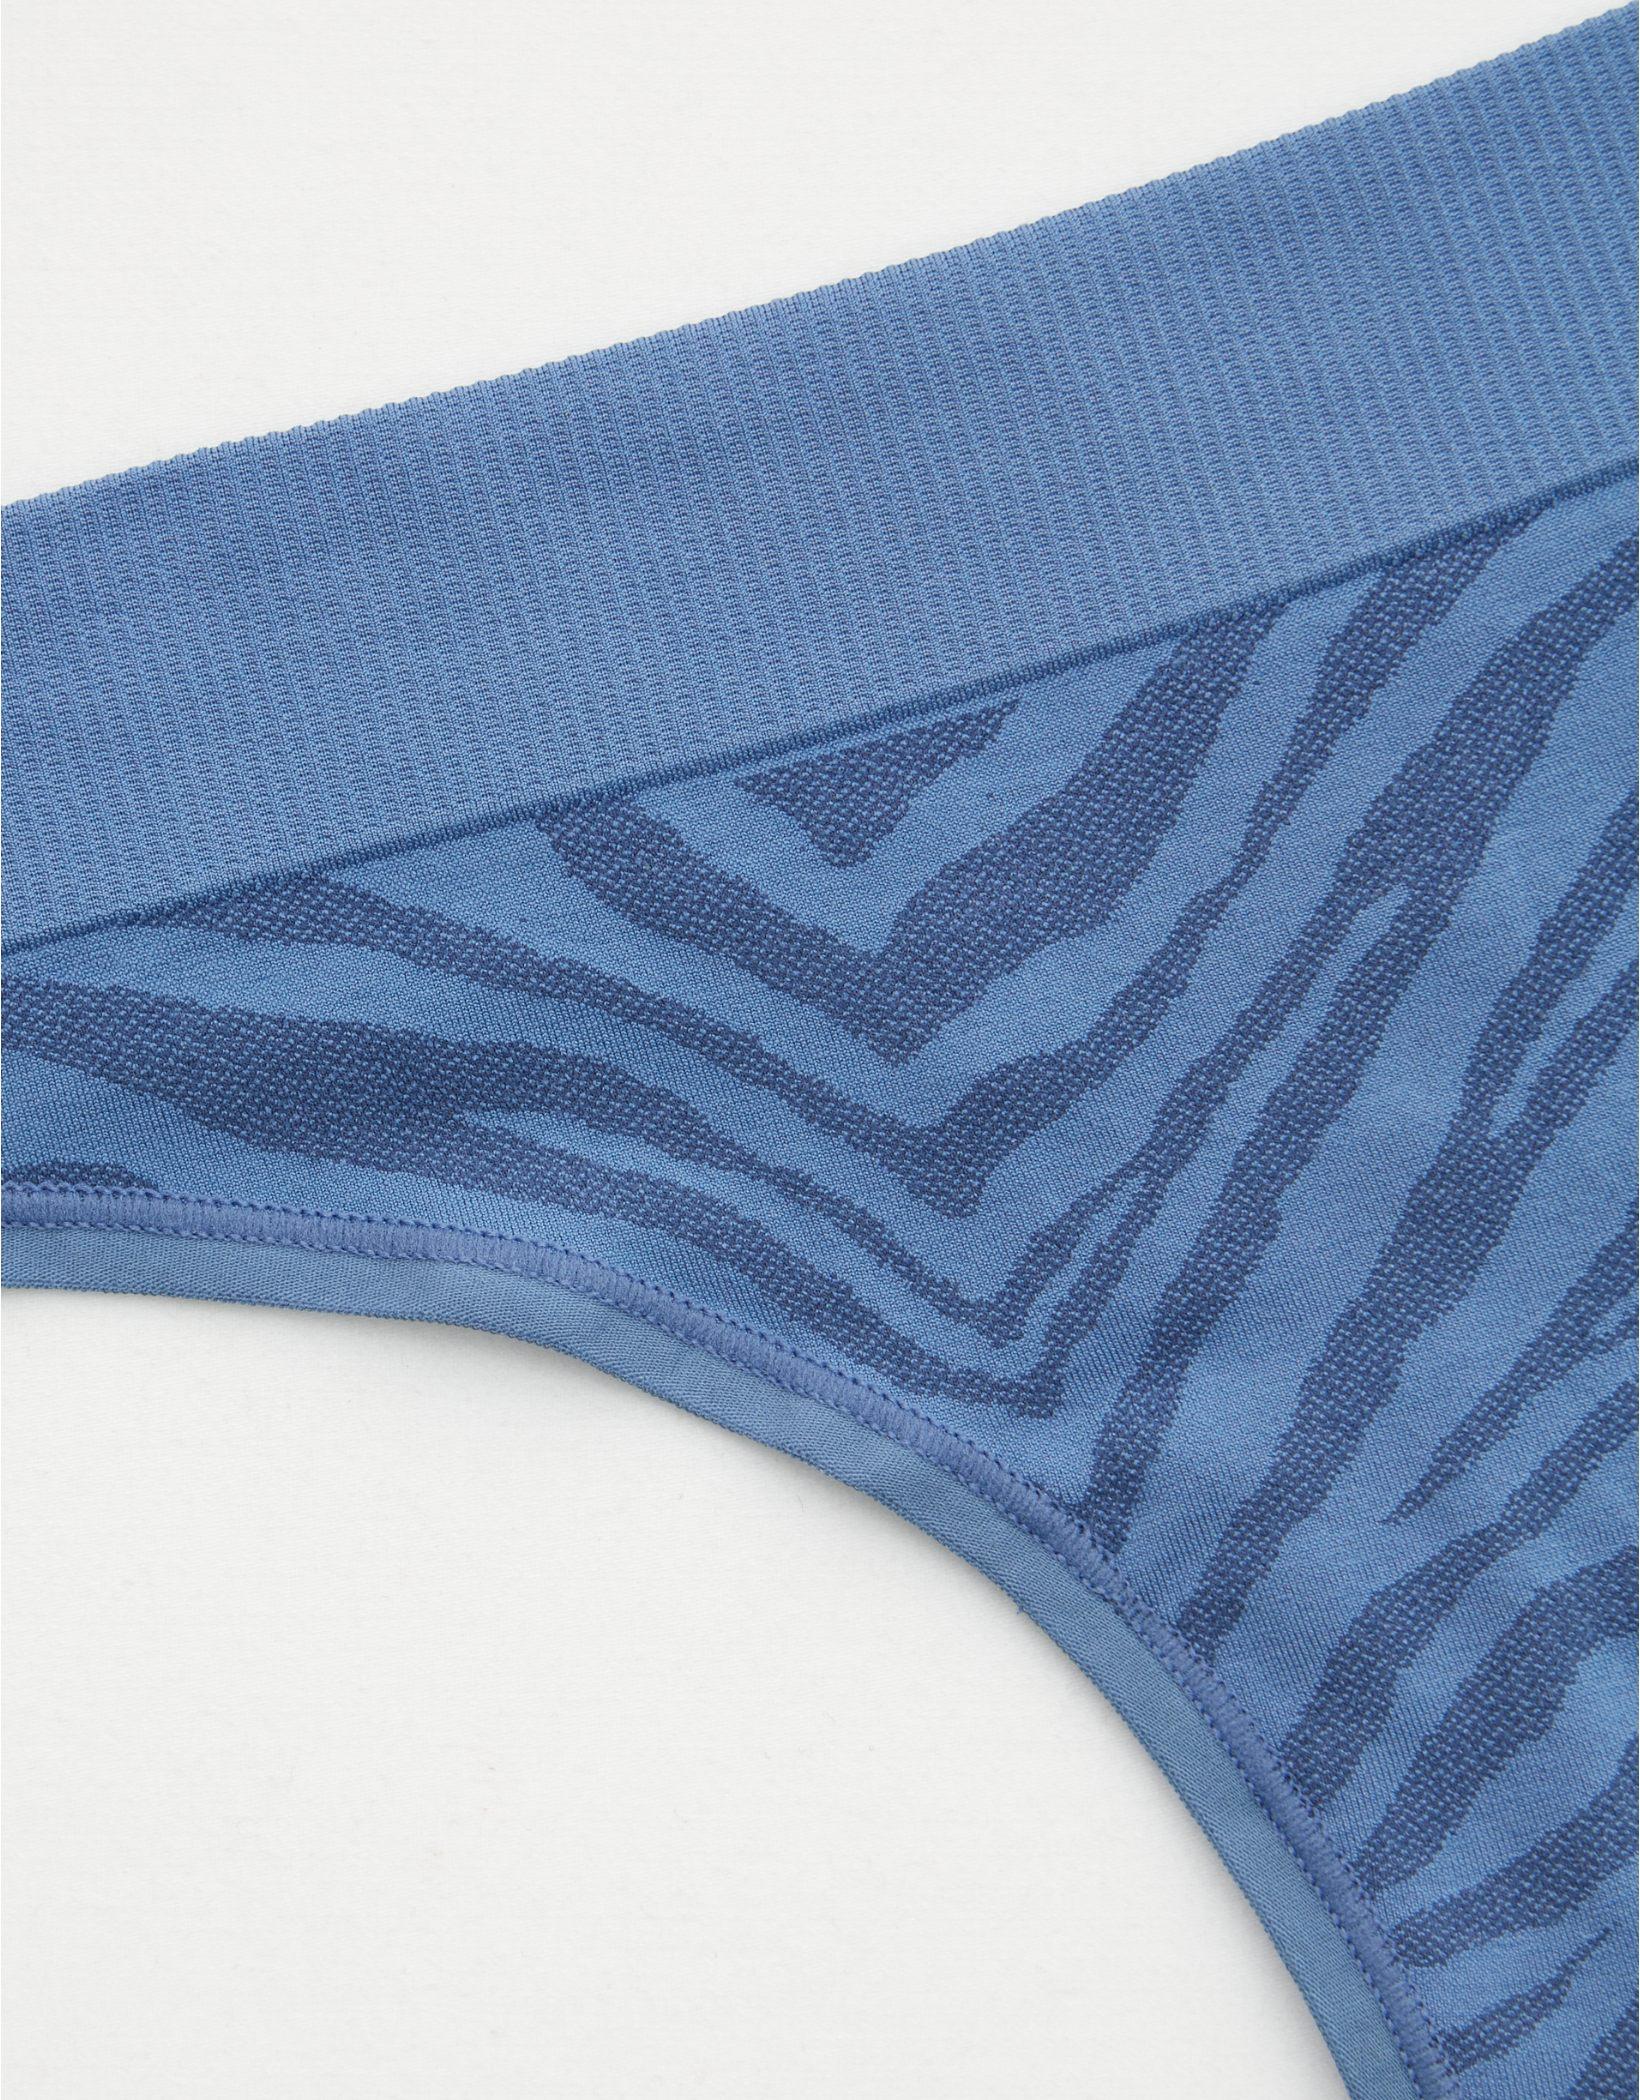 Aerie Seamless Zebra Print Thong Underwear